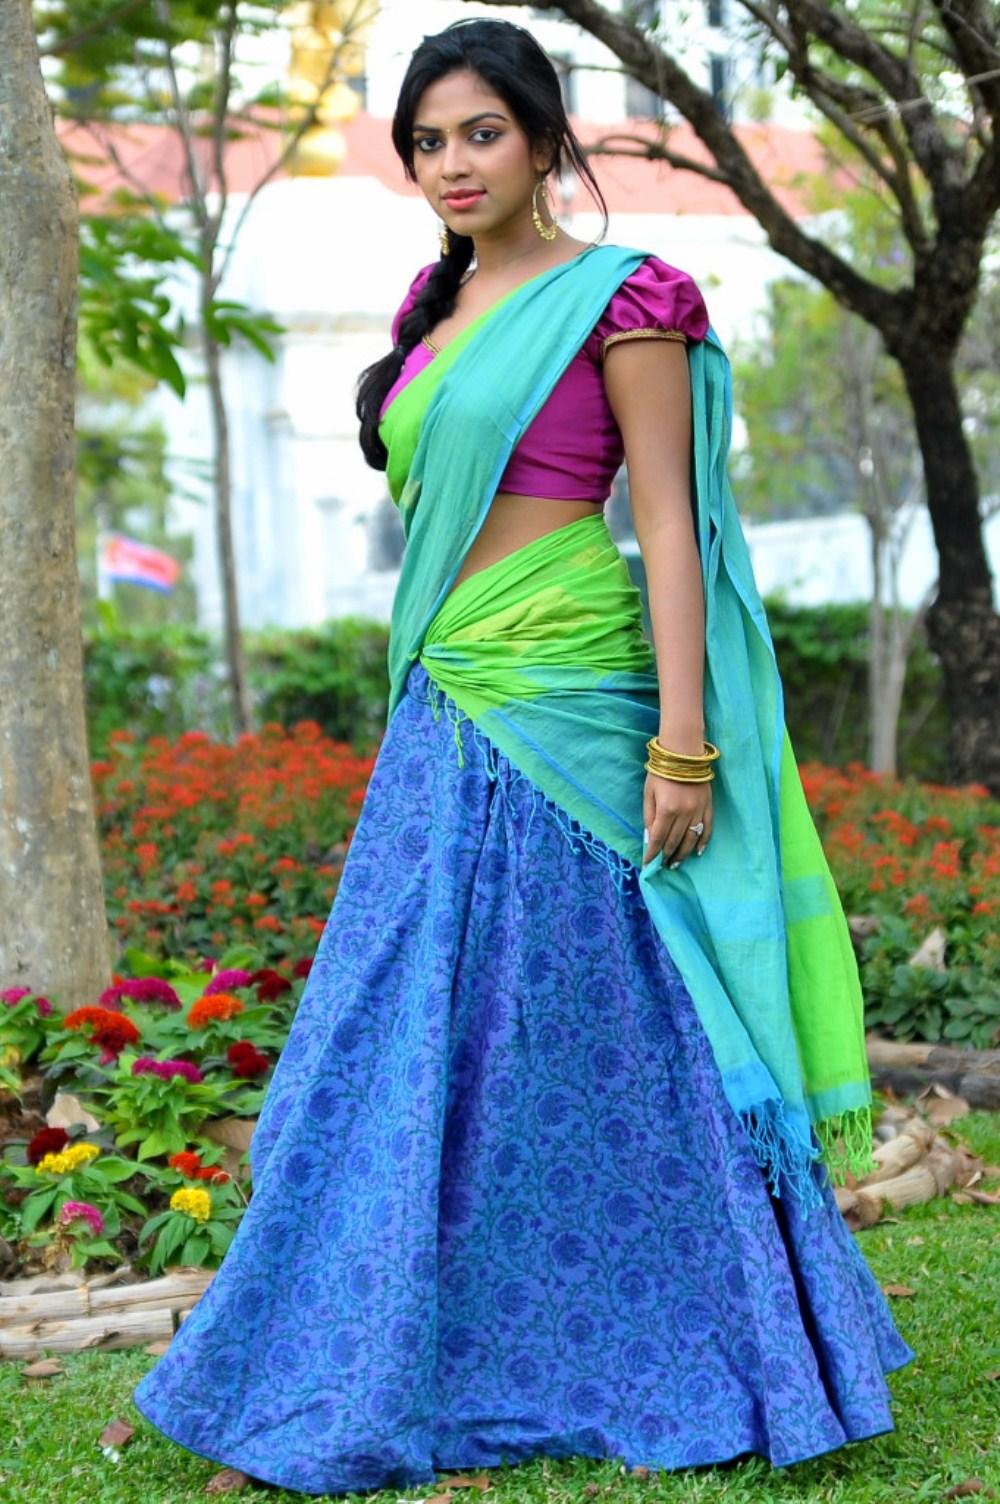 Amala Paul Iddarammayilatho Half Saree Photoshoot | 25CineFrames